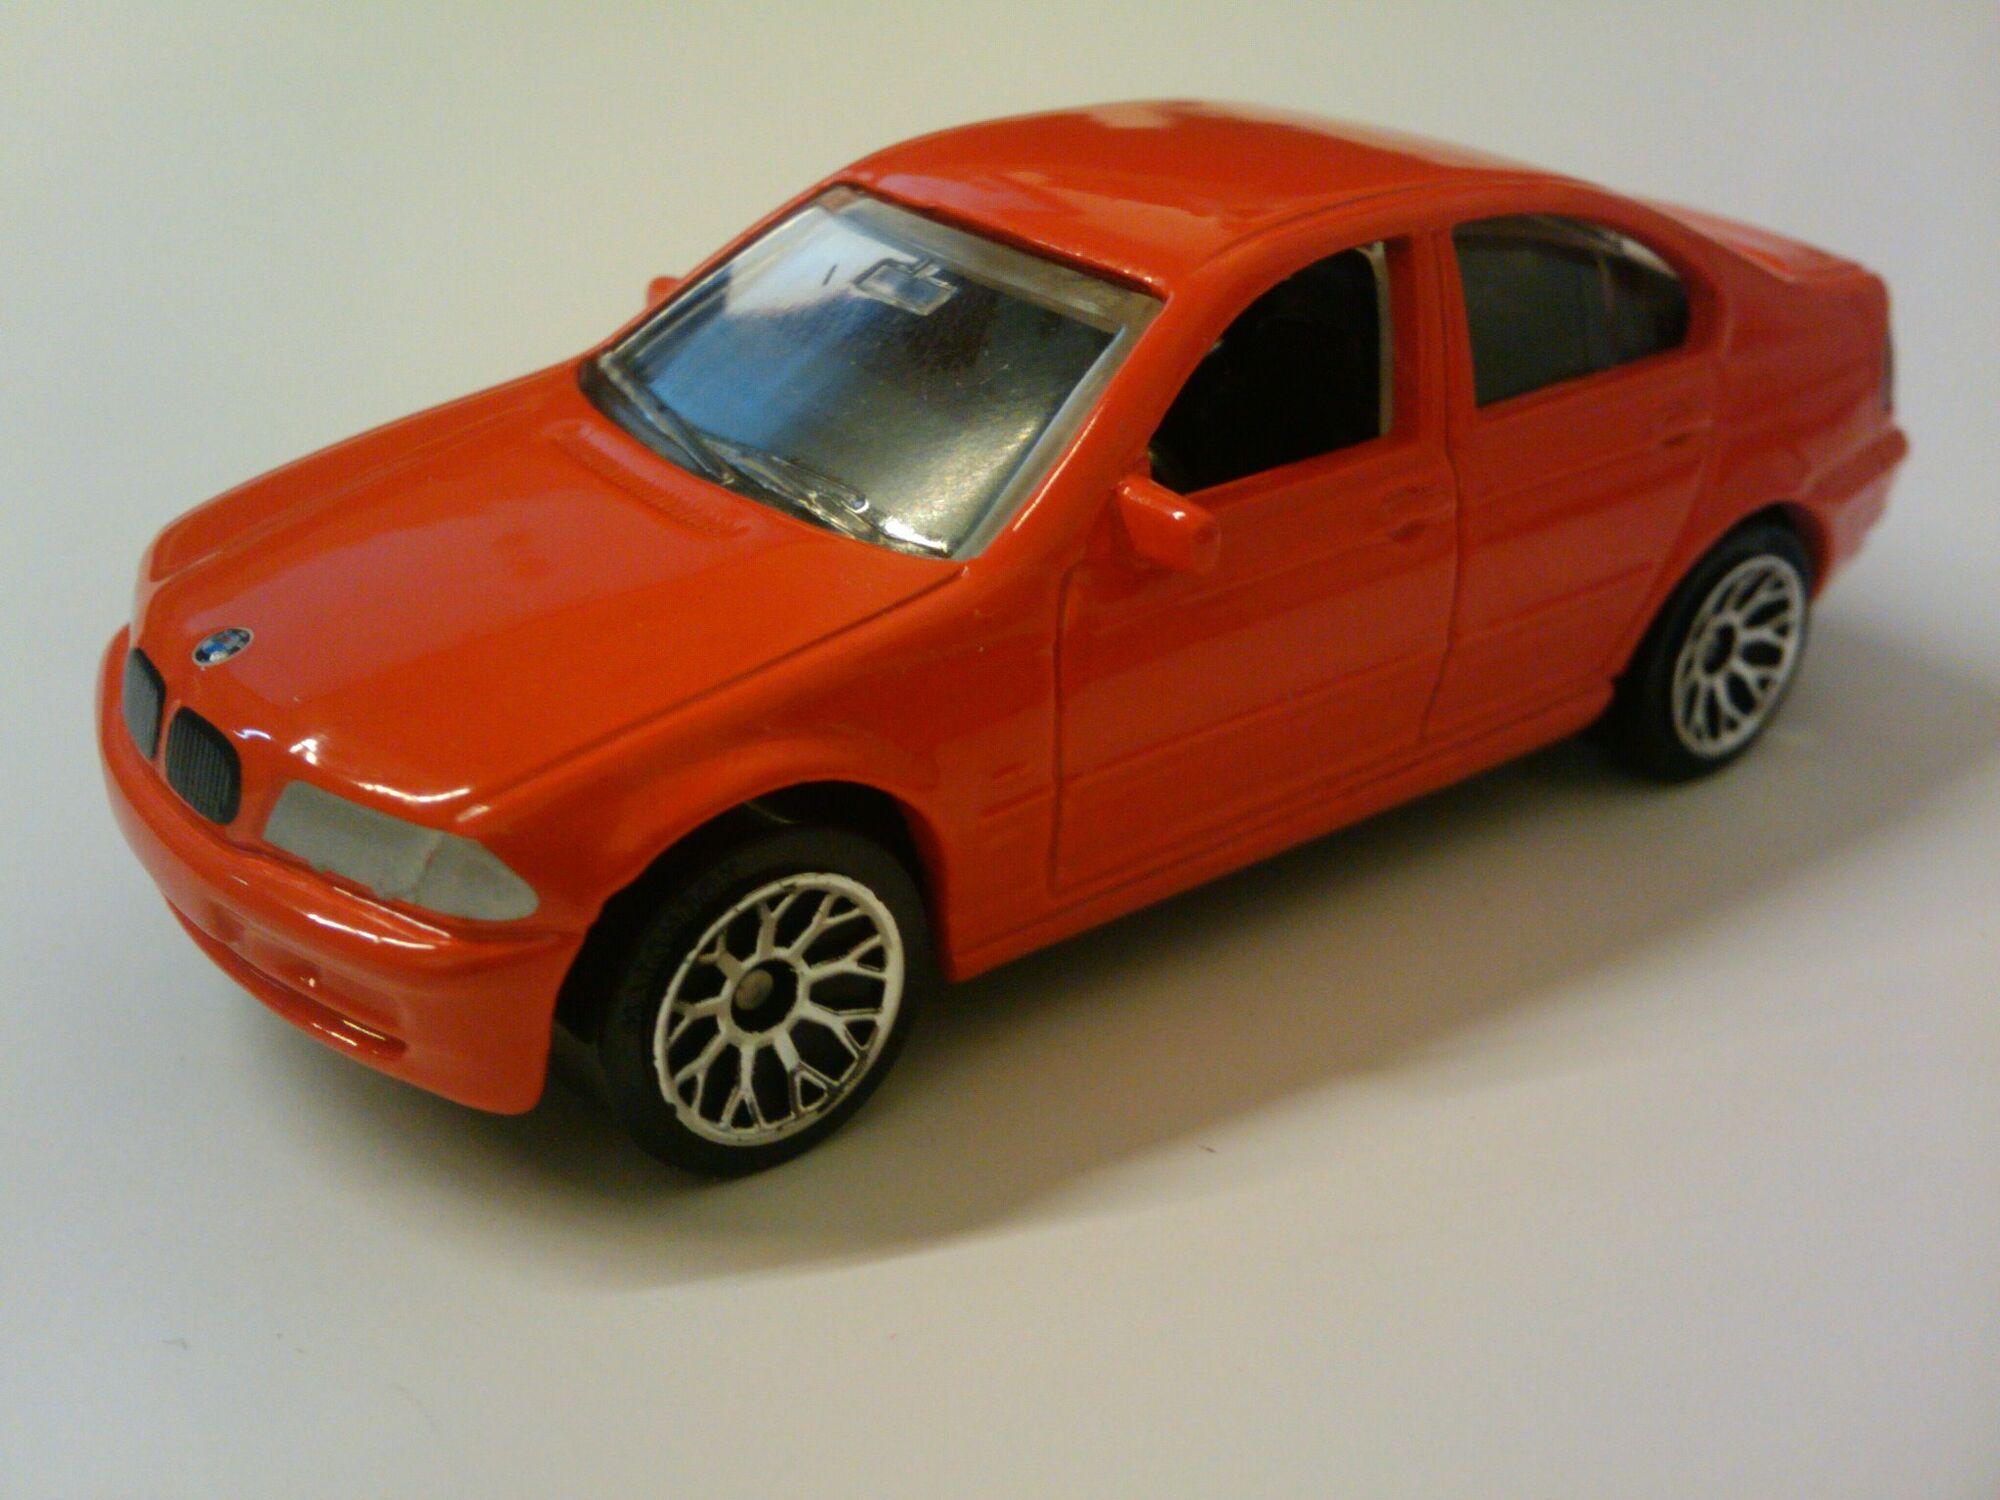 Bmw 328i Matchbox Cars Wiki Fandom Powered By Wikia